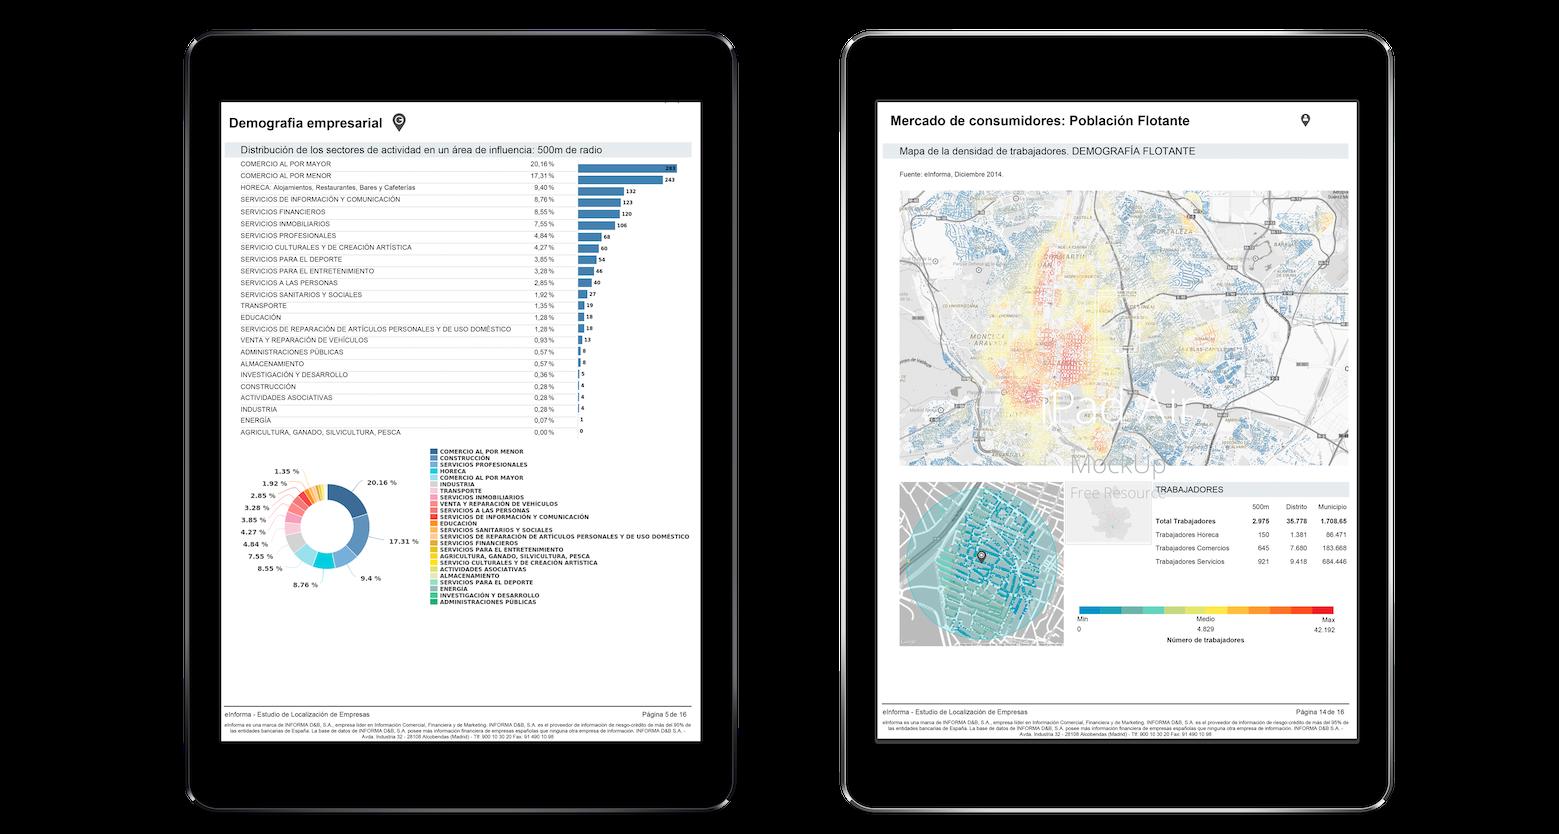 Geomarketing, consultable online desarrollado por inAtlas